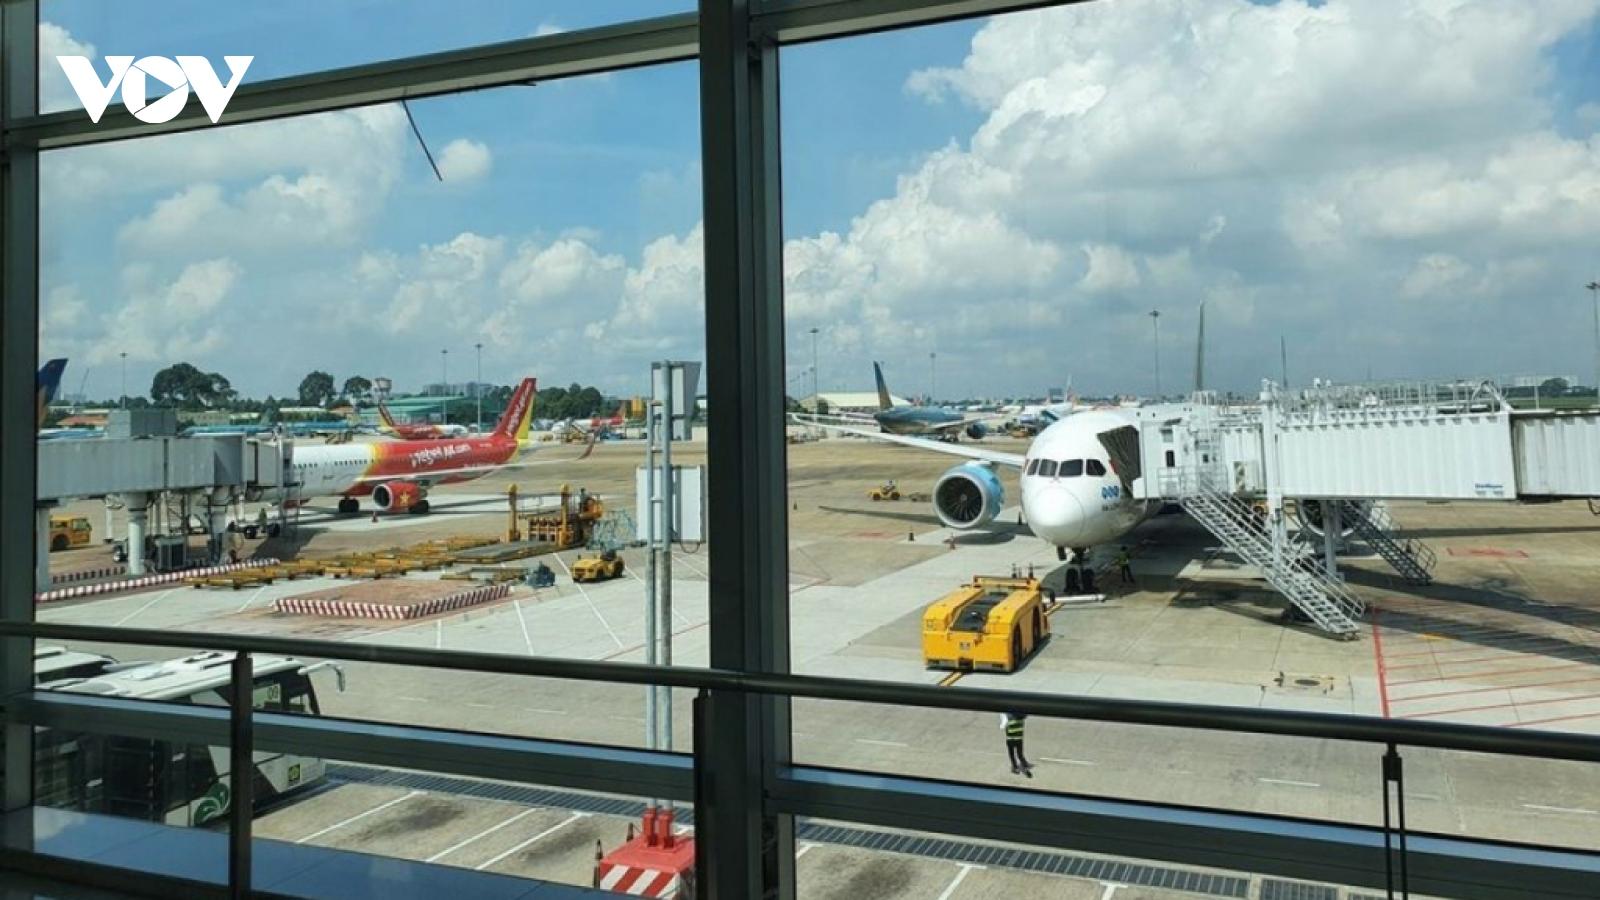 Vietnam to resume international flights from April 1